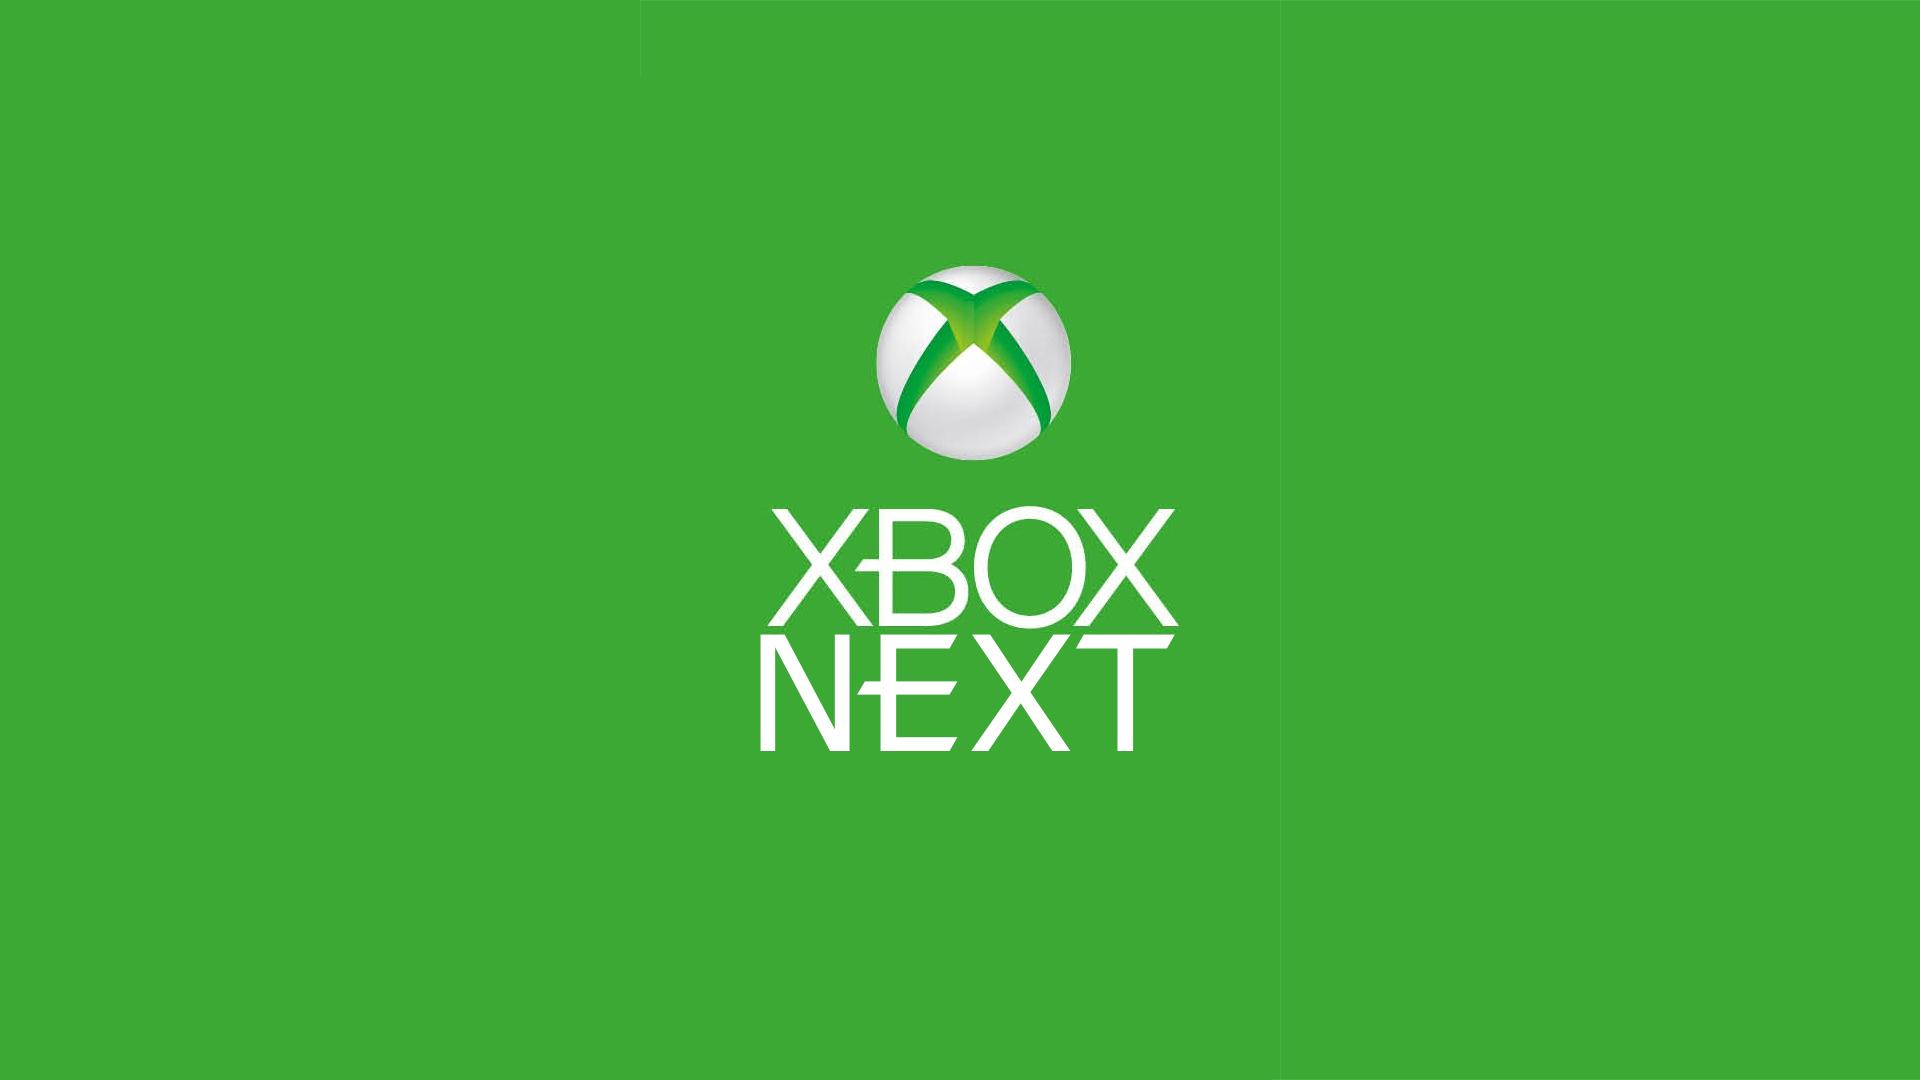 Xbox Next / Xbox Scarlet